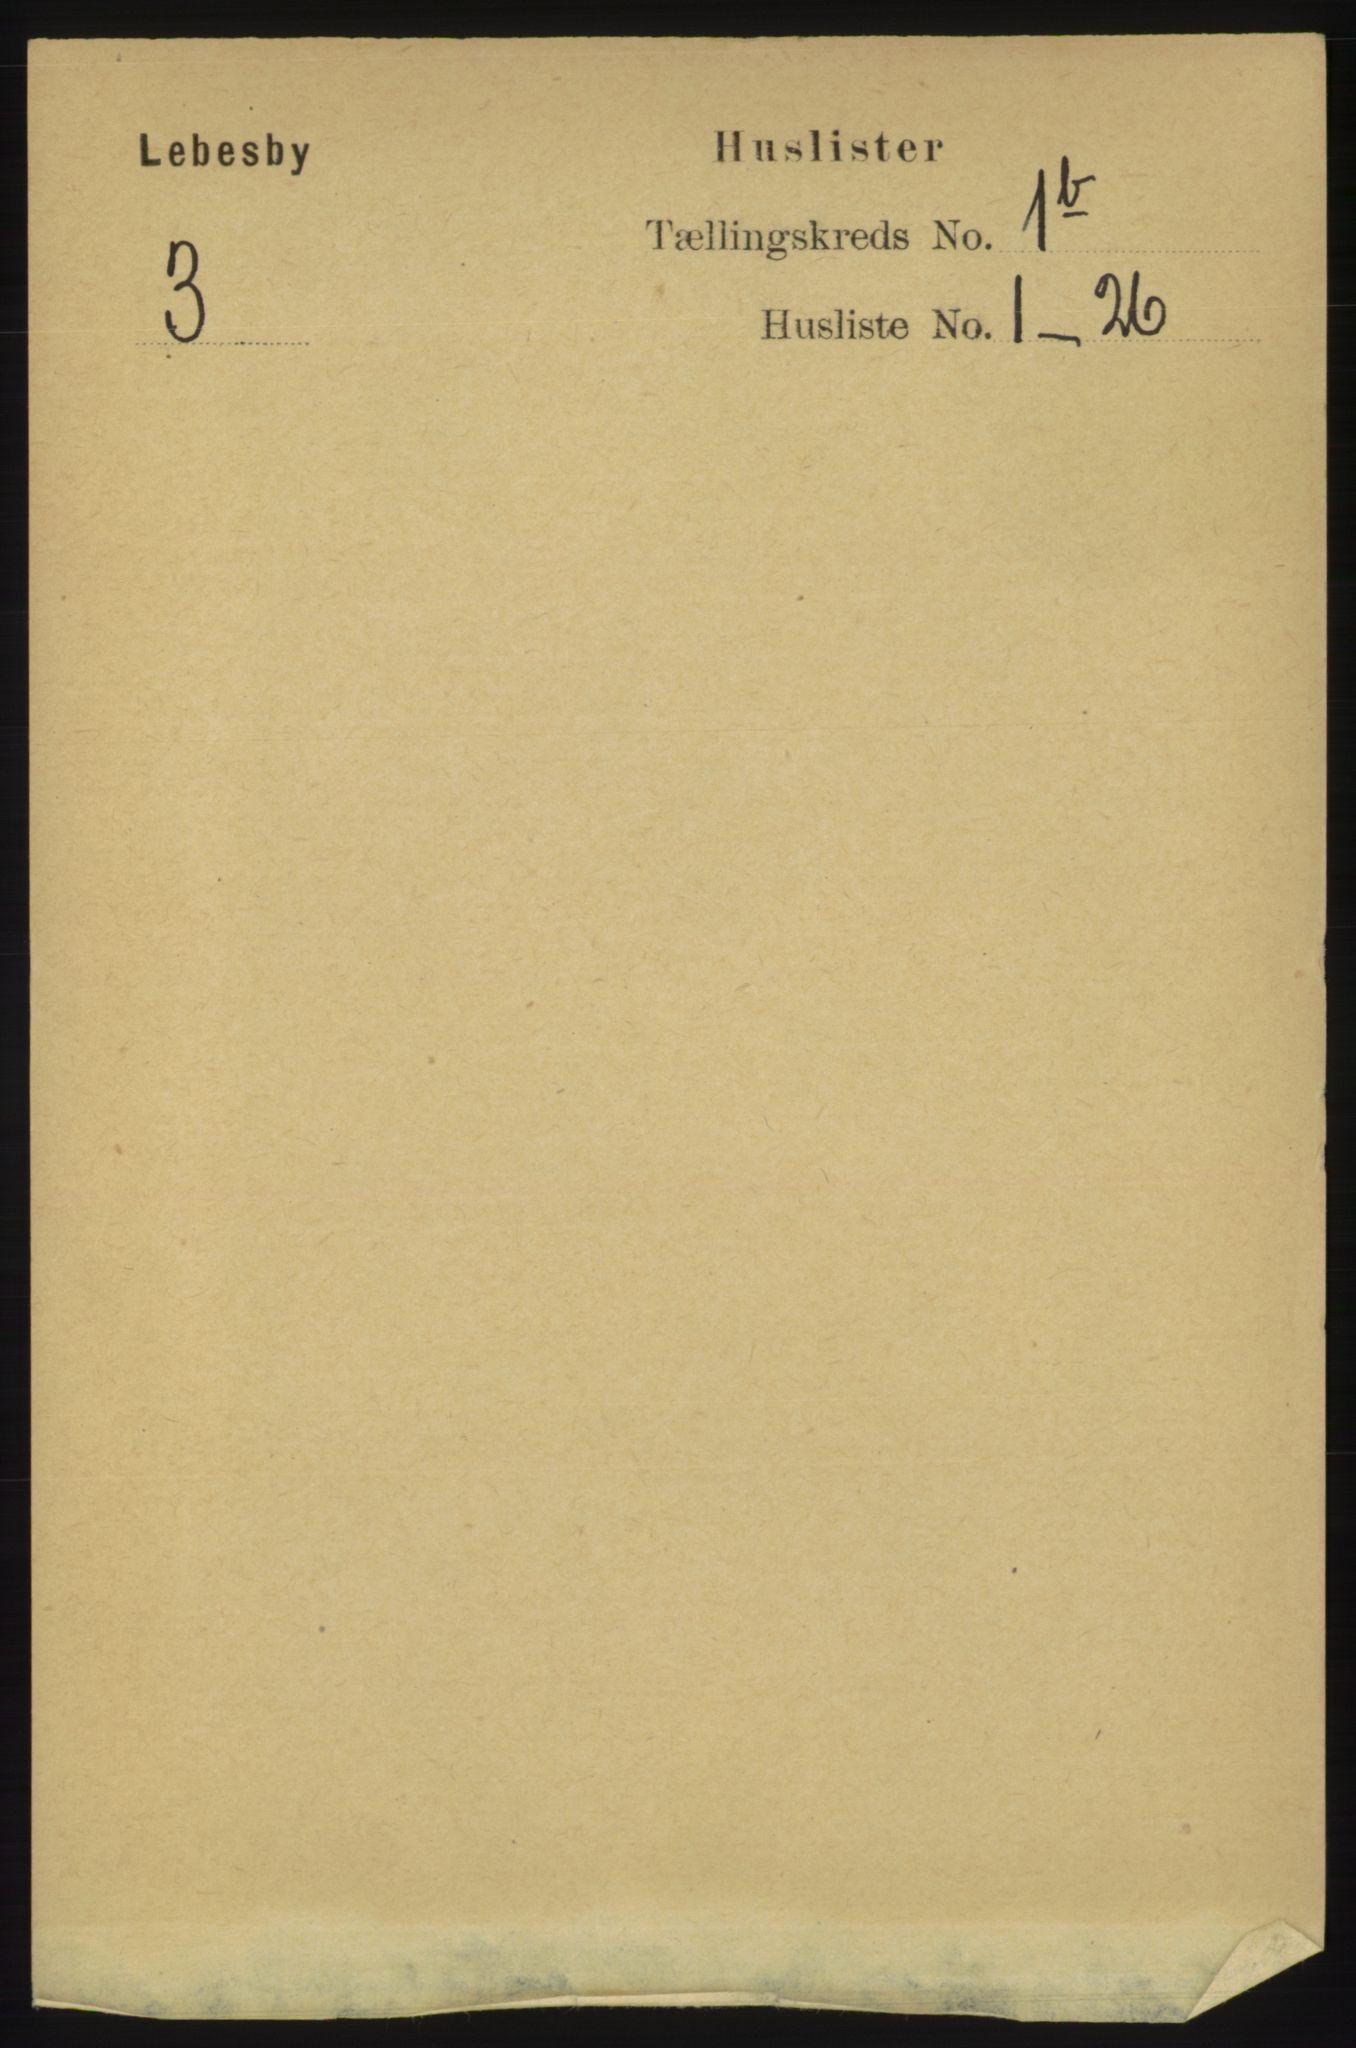 RA, Folketelling 1891 for 2022 Lebesby herred, 1891, s. 78